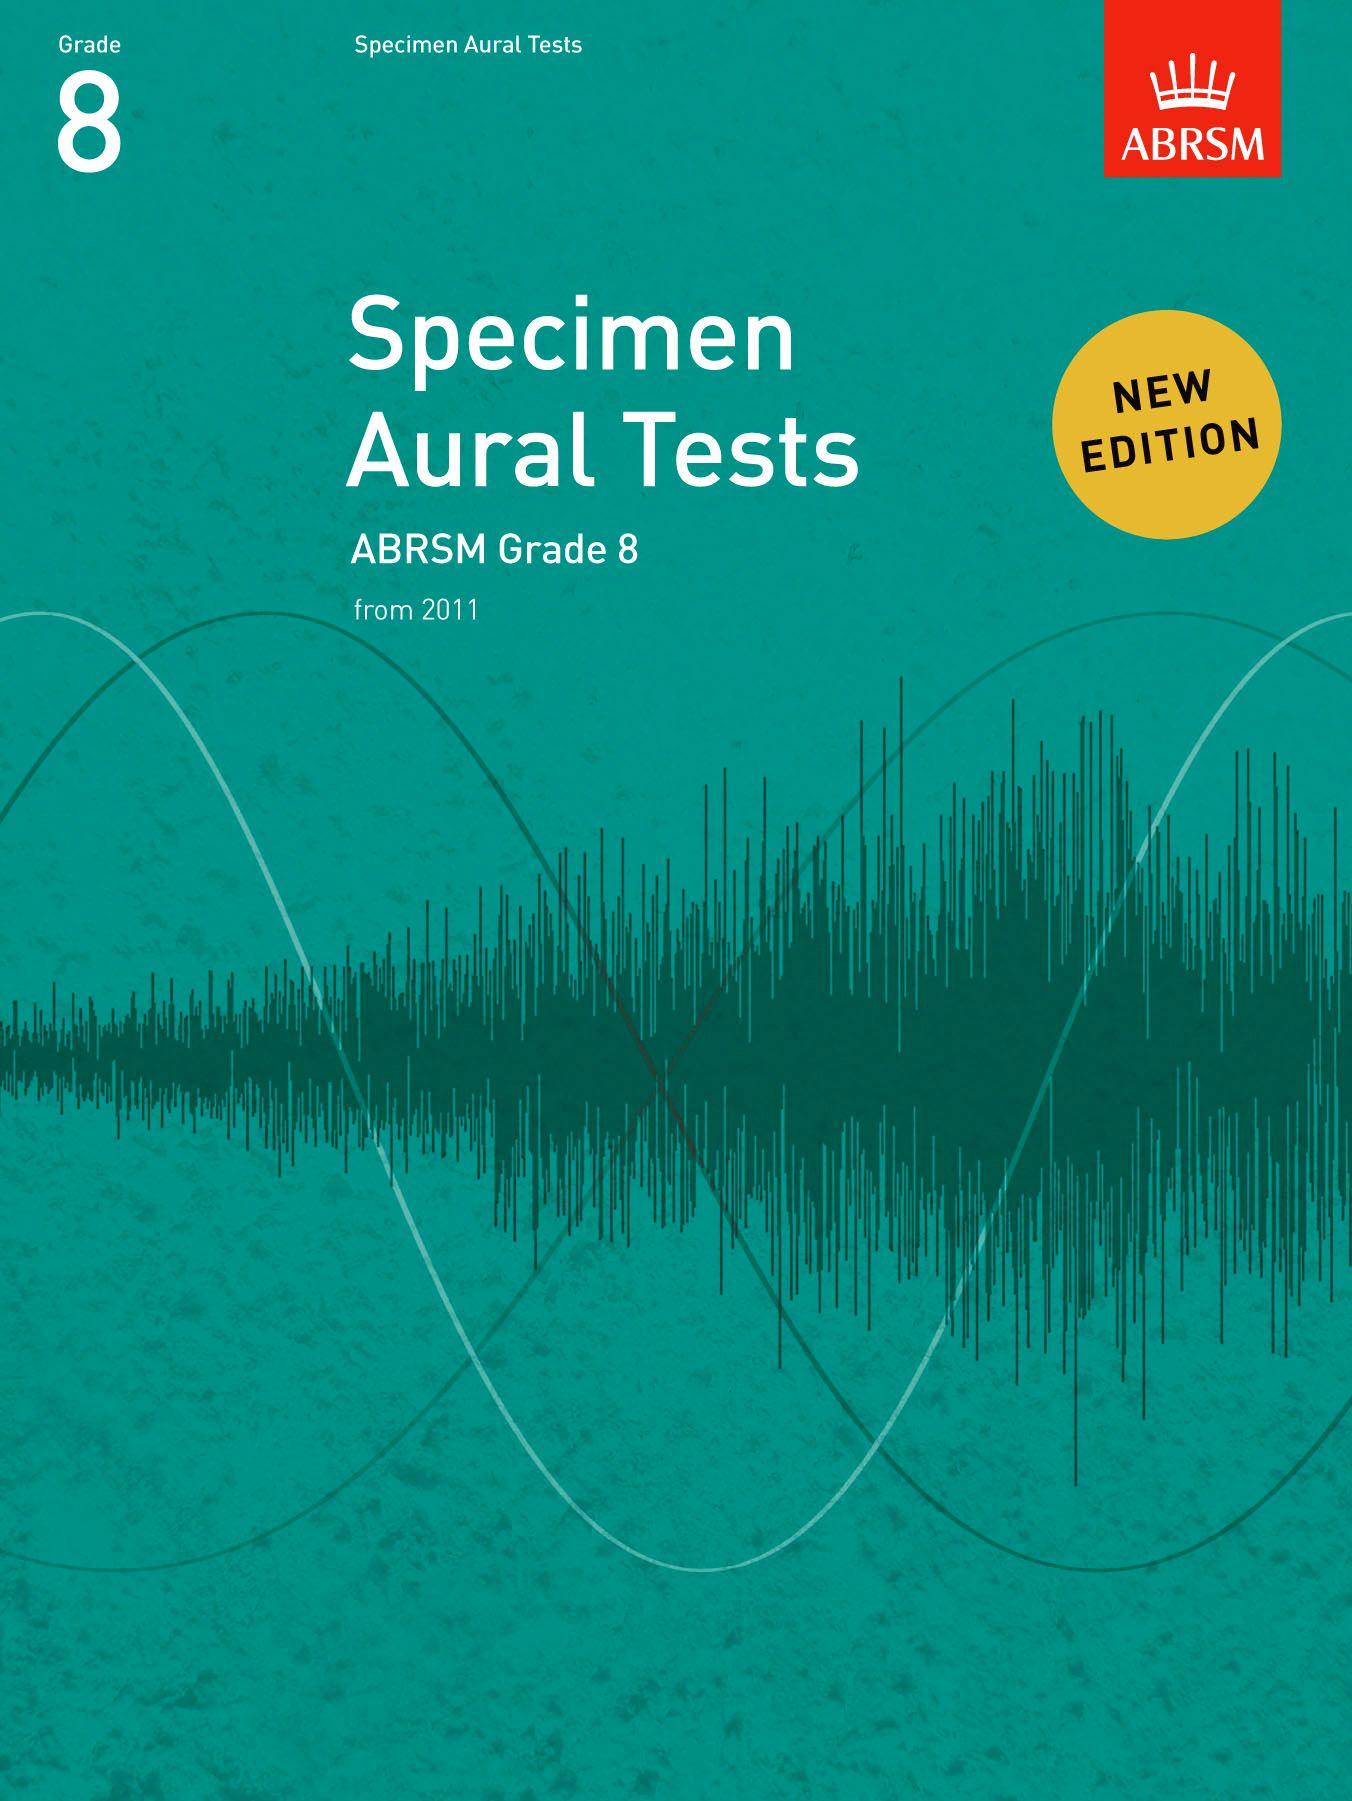 ABRSM Specimen Aural Tests Grade 8